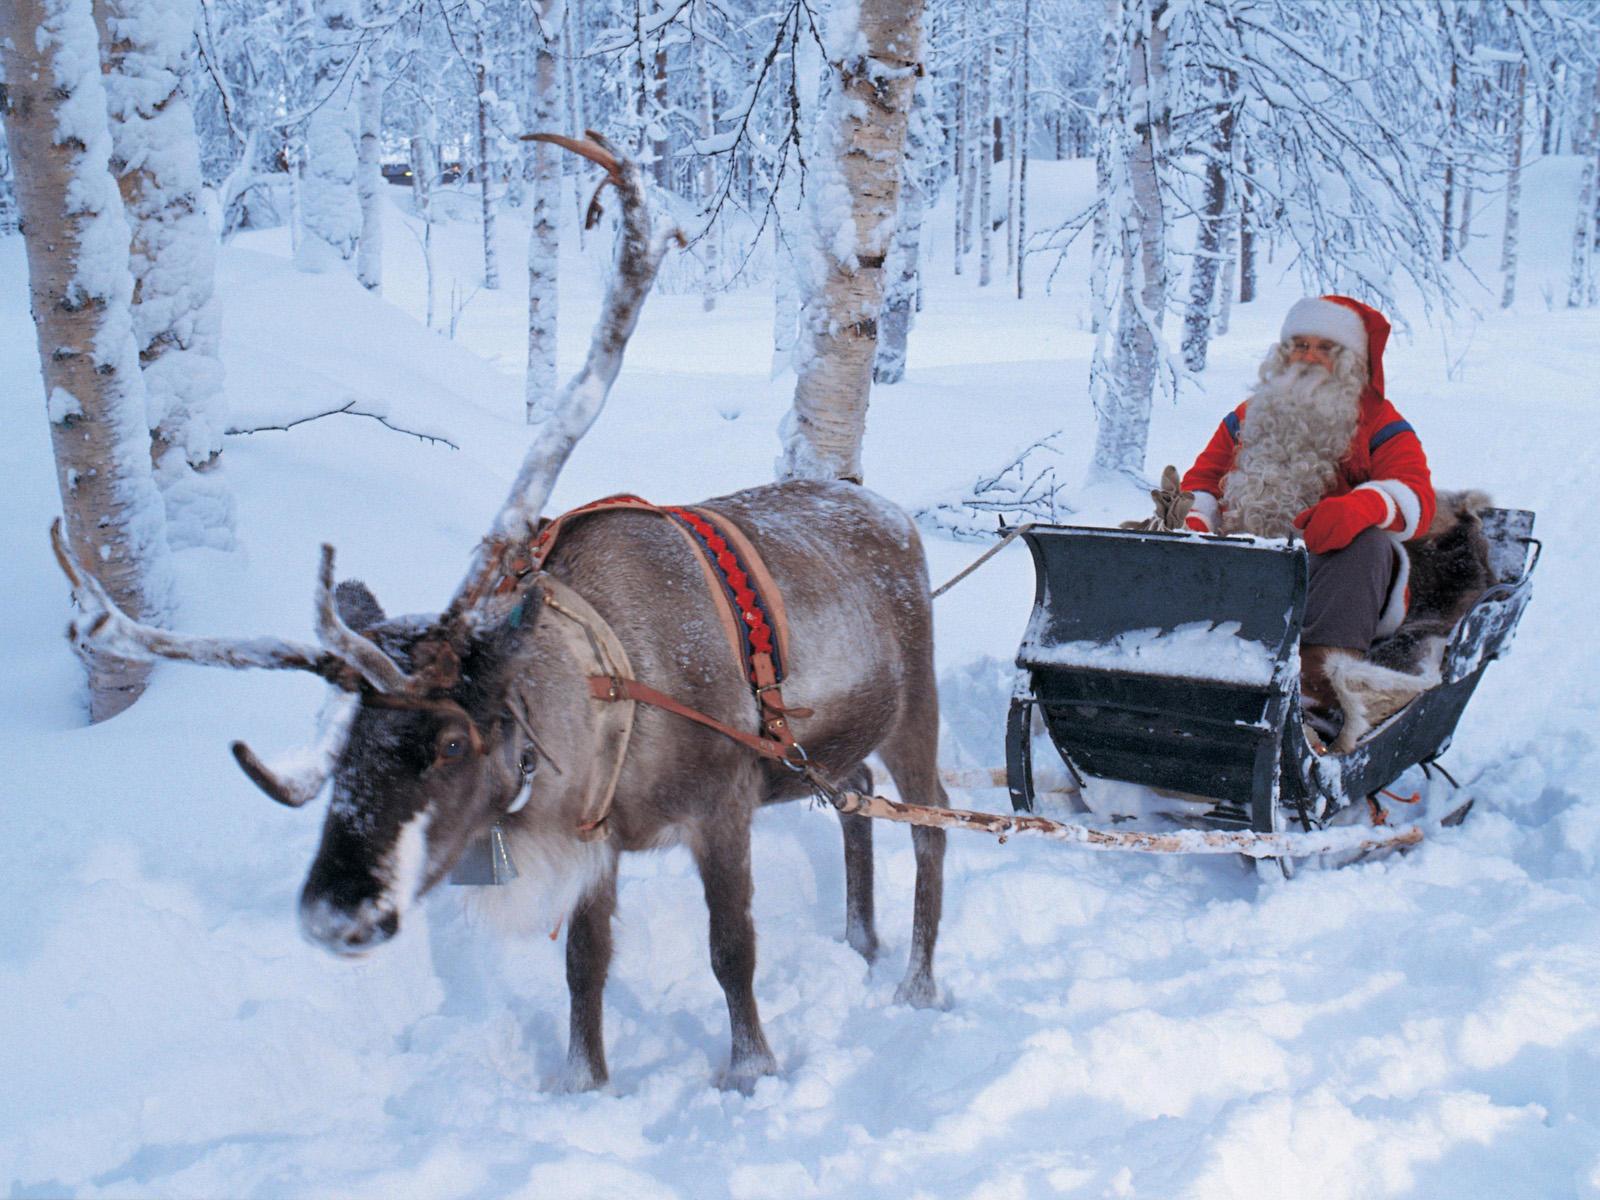 Как сделать новогодний дед мороз иКрепления эхолота